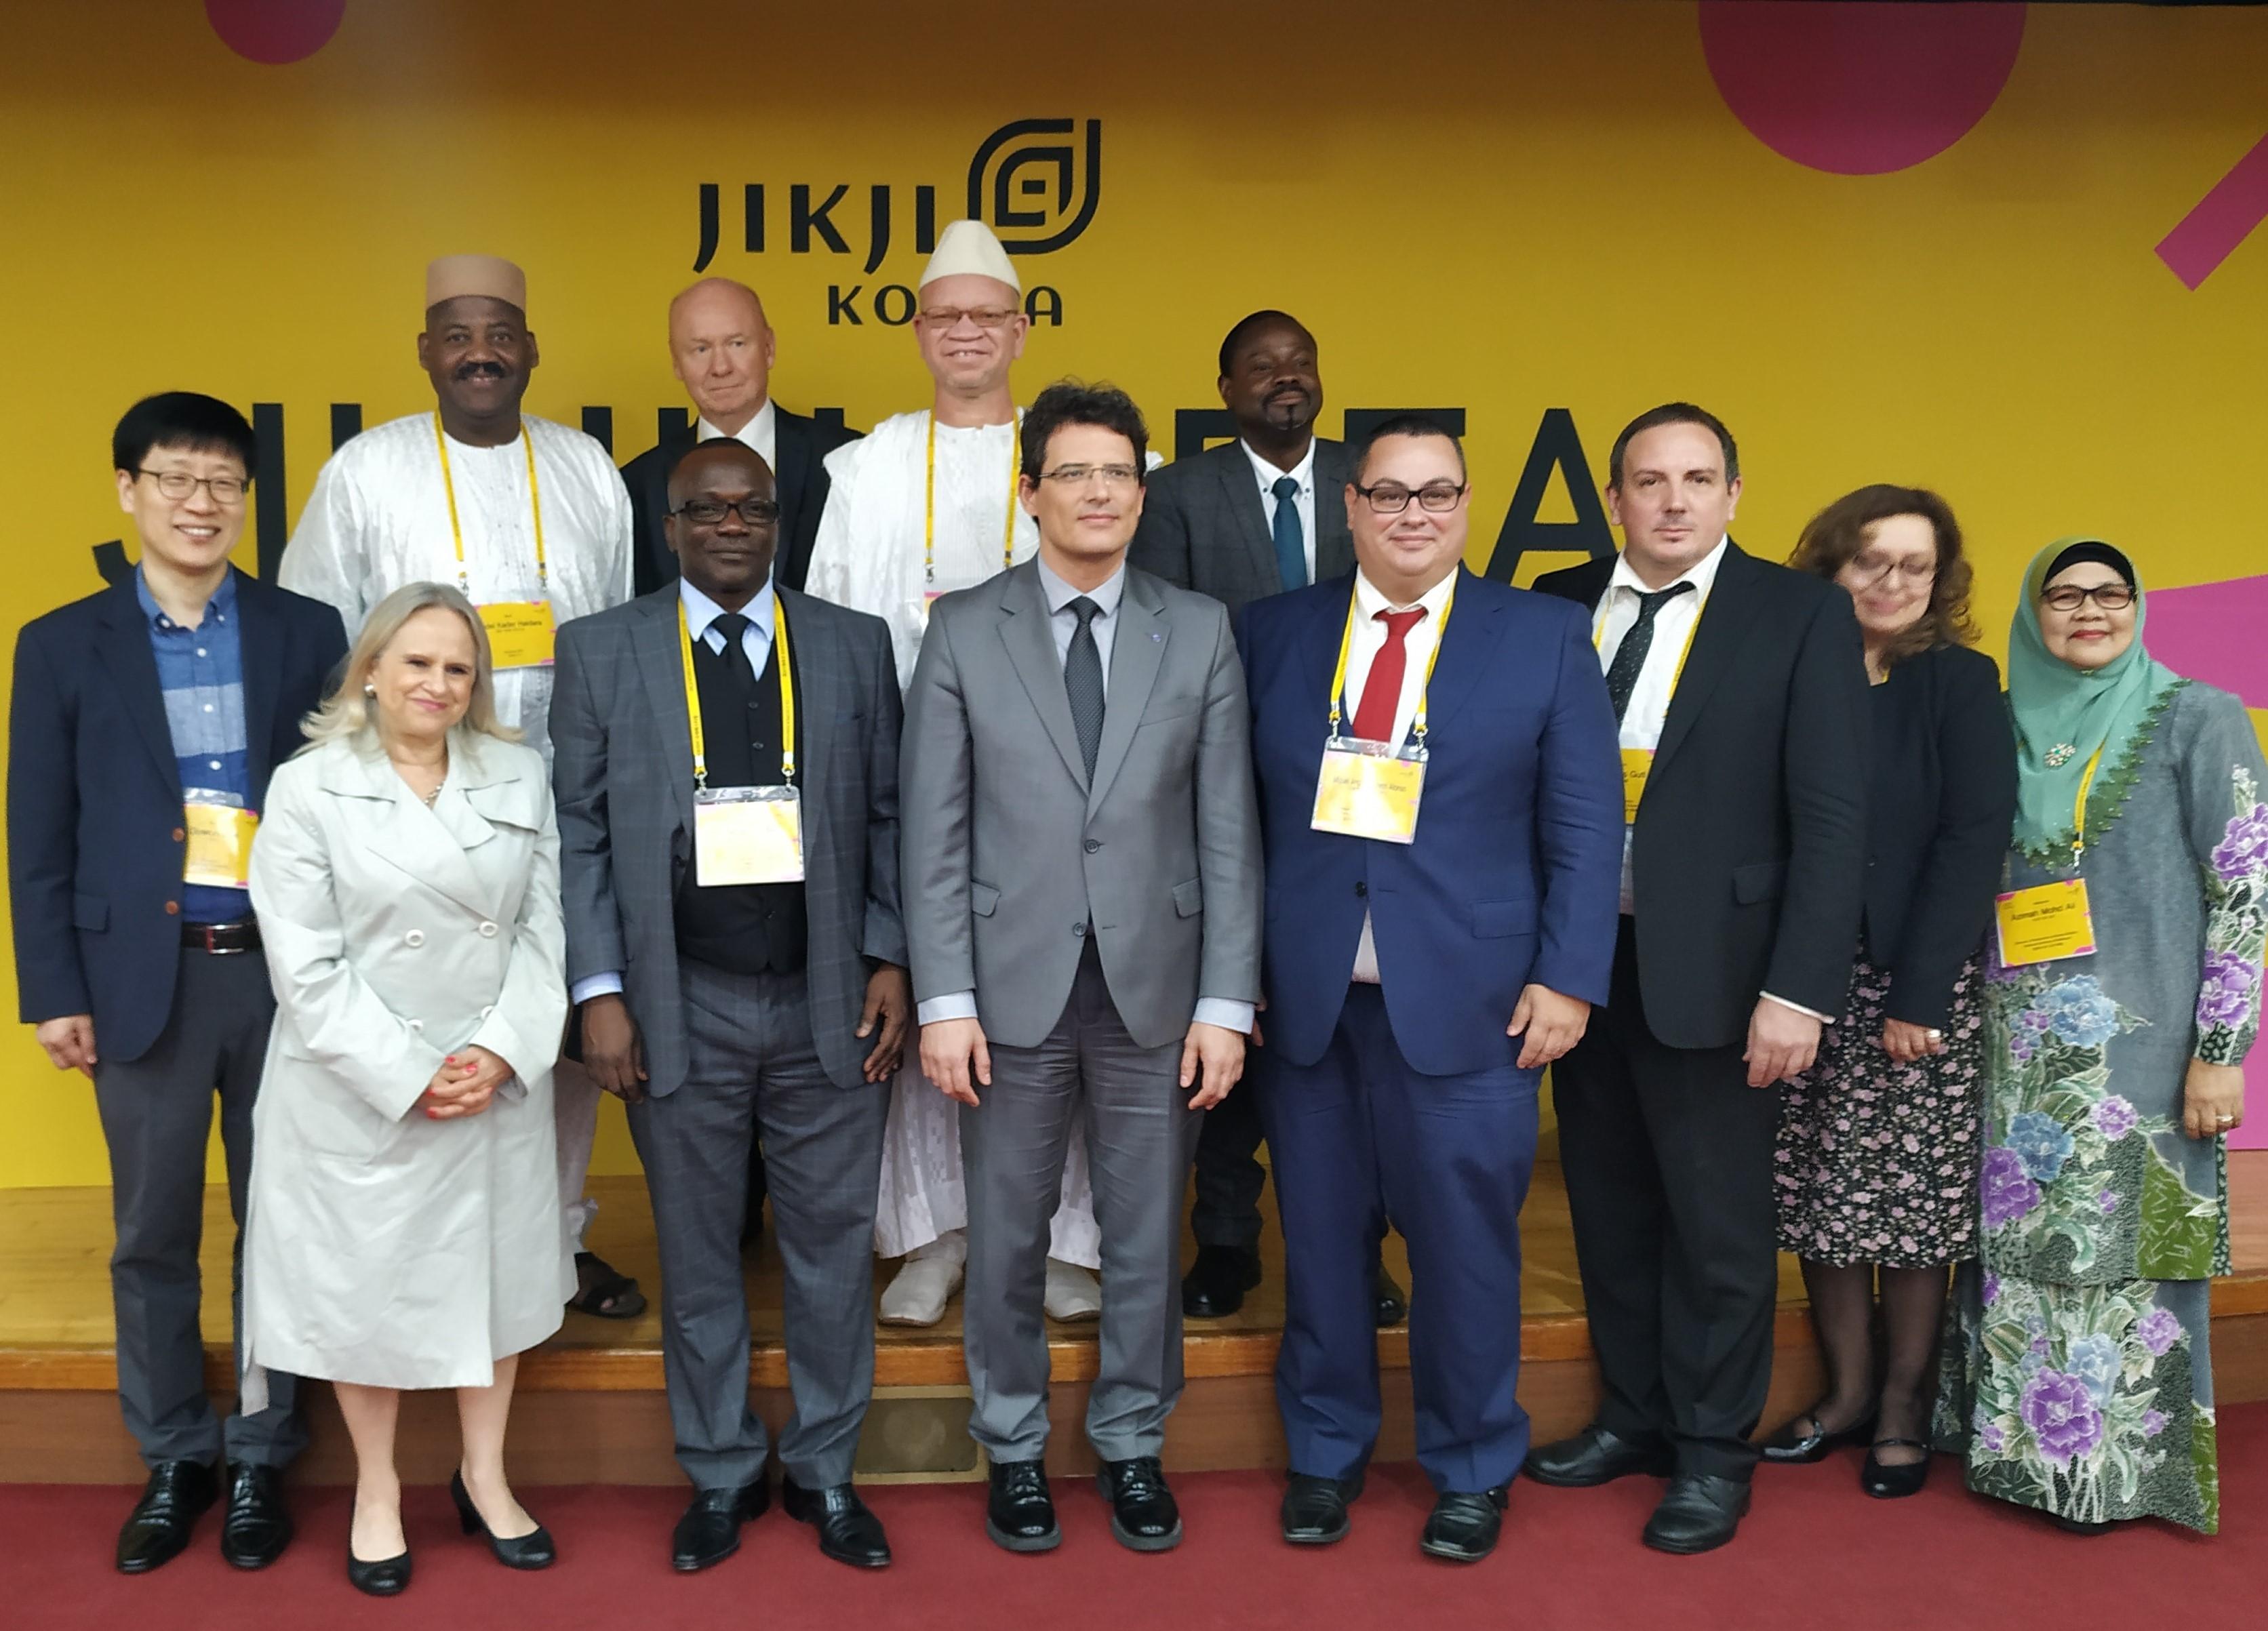 Representantes de los ganadores del Premio Jikji desde 2005